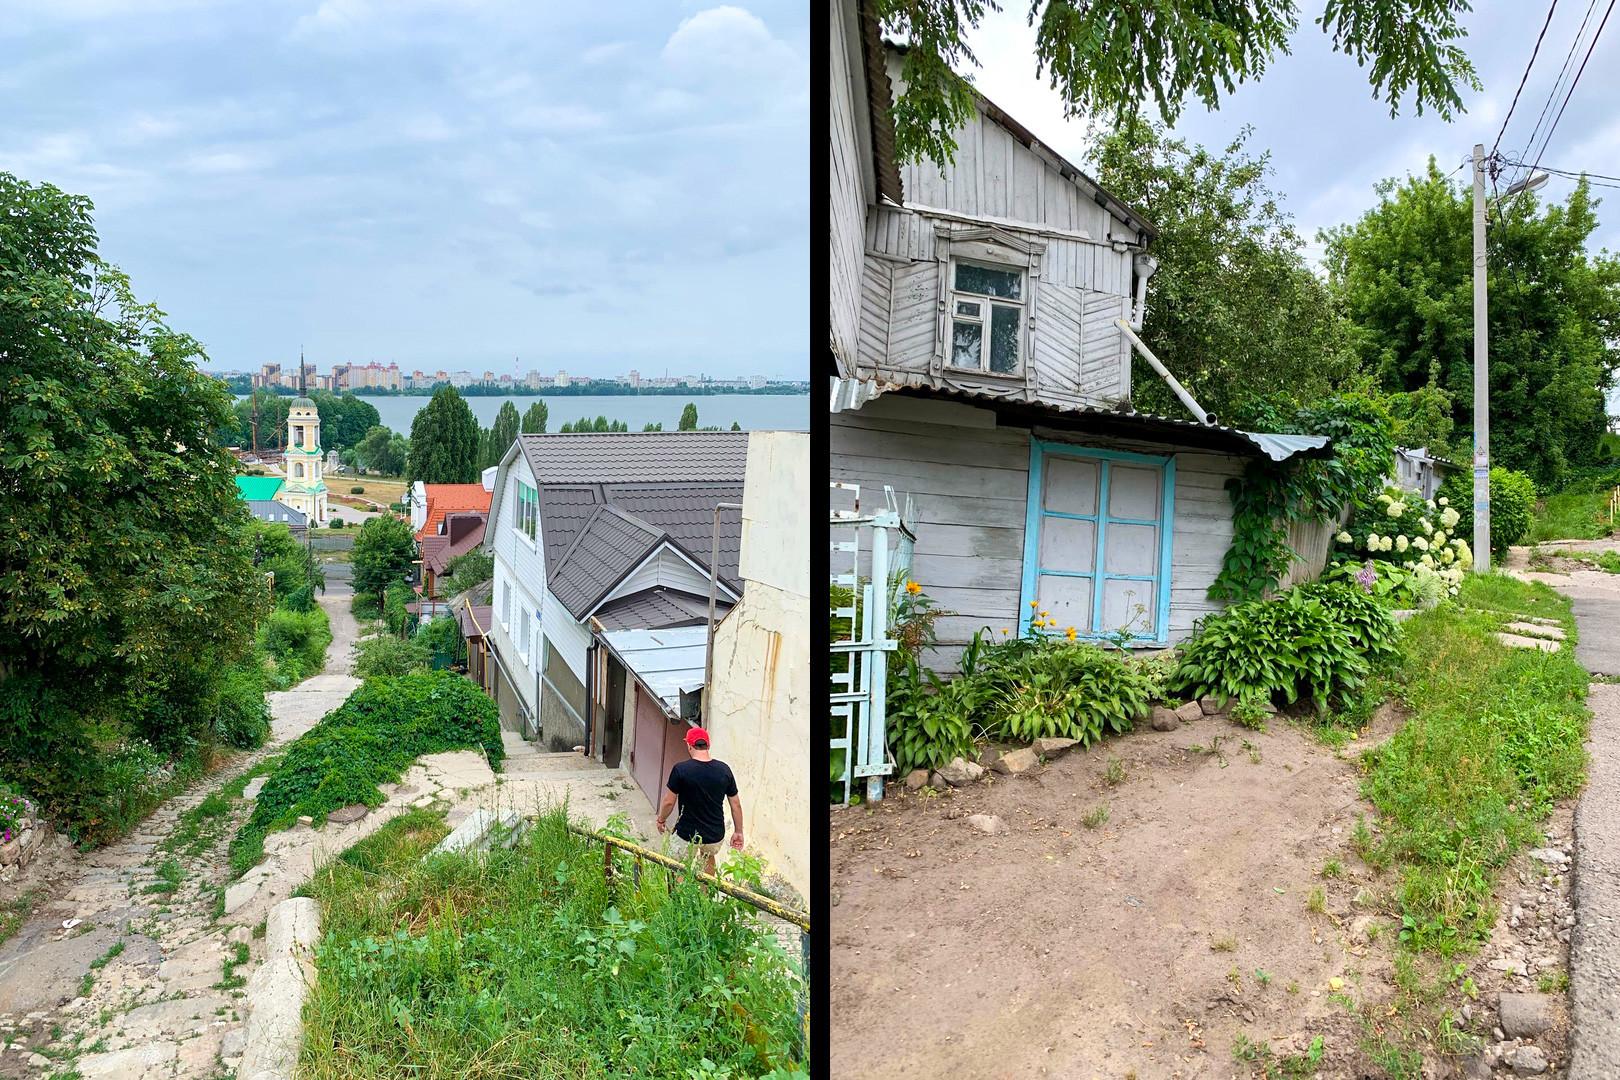 Le stradine sterrate che conducono al fiume Voronezh